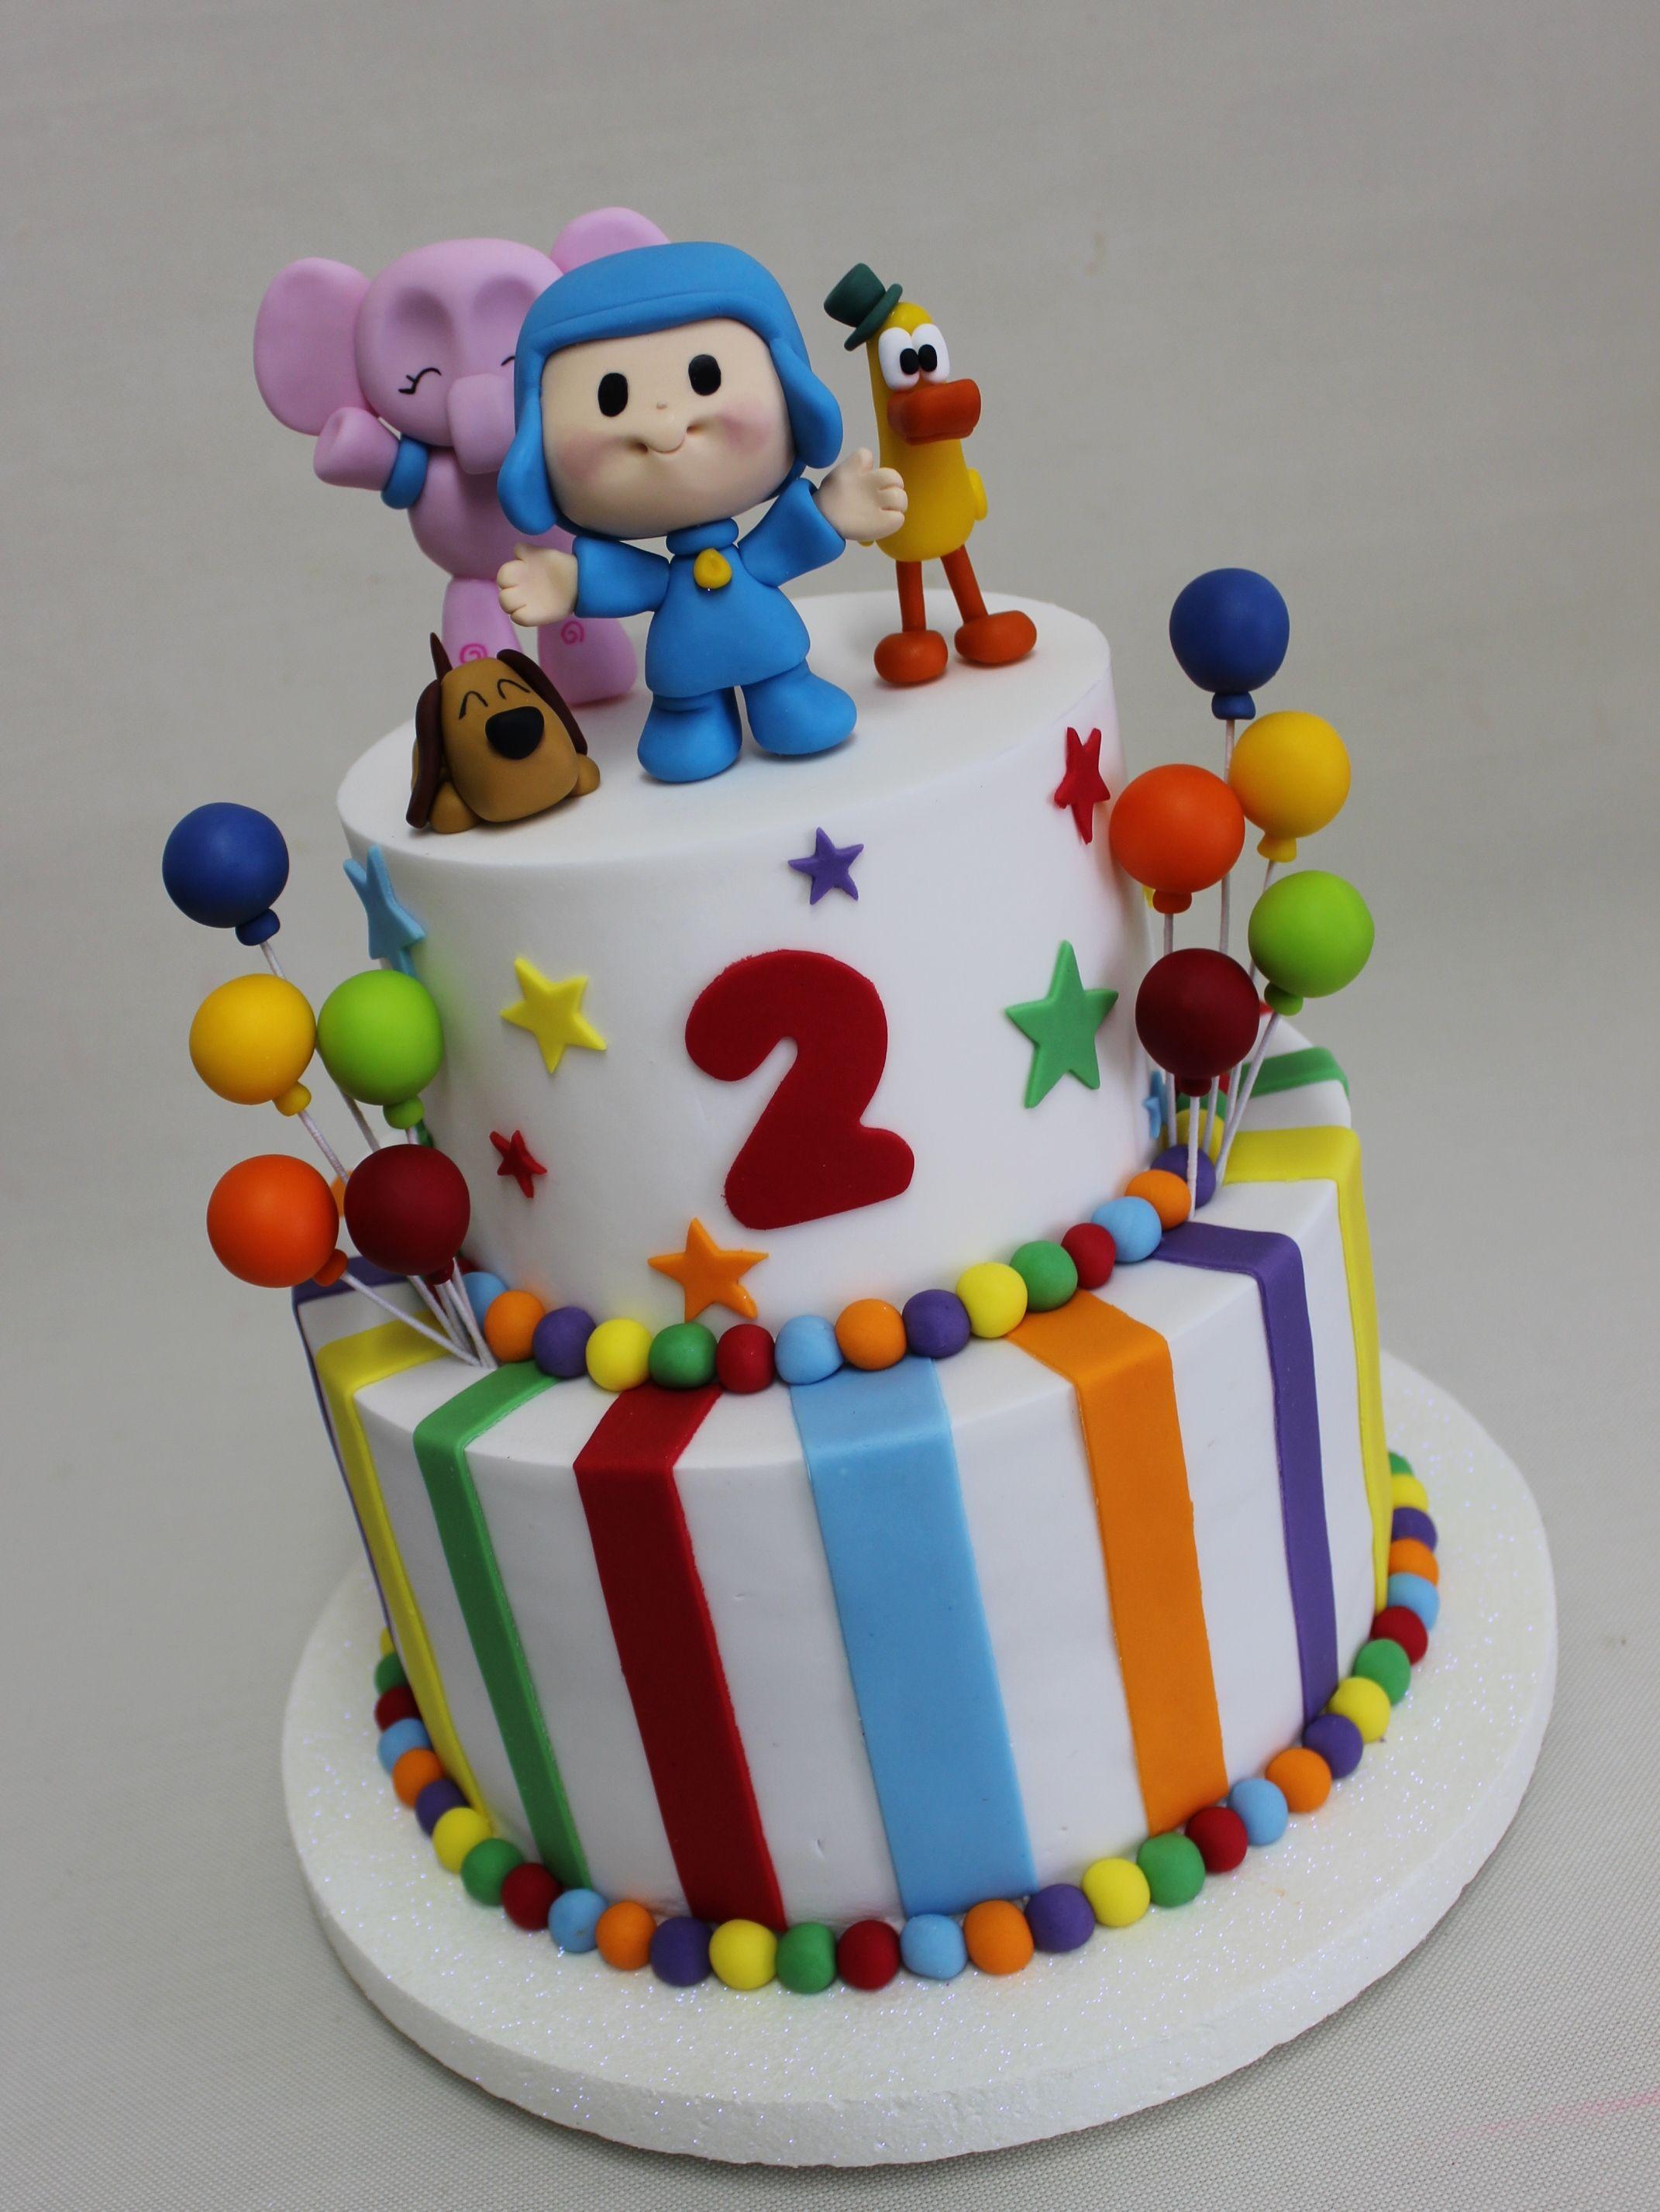 Pocoyo Birthday Cake Violeta Glace 2nd Bday Pinterest Pocoyo